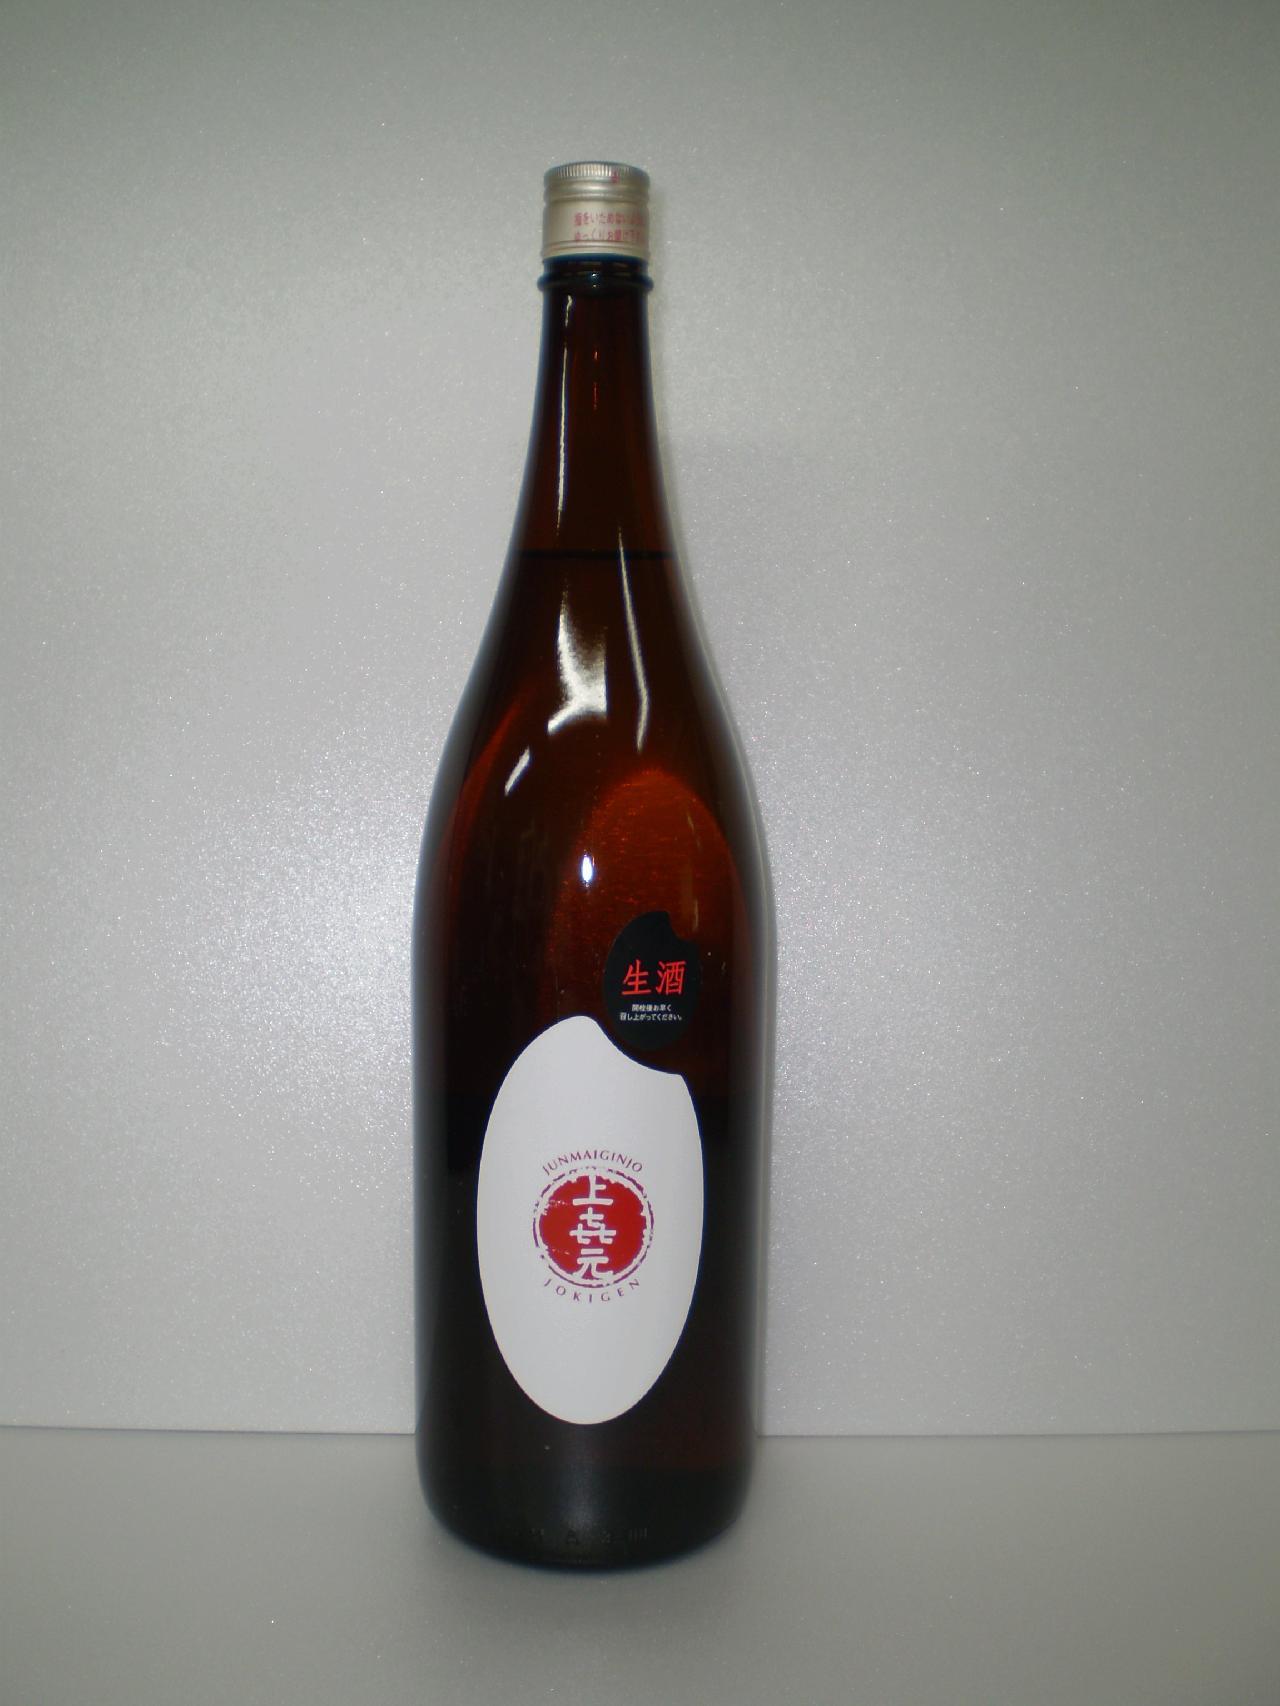 上喜元 雄山錦 純米吟醸生 1800ml 酒田酒造